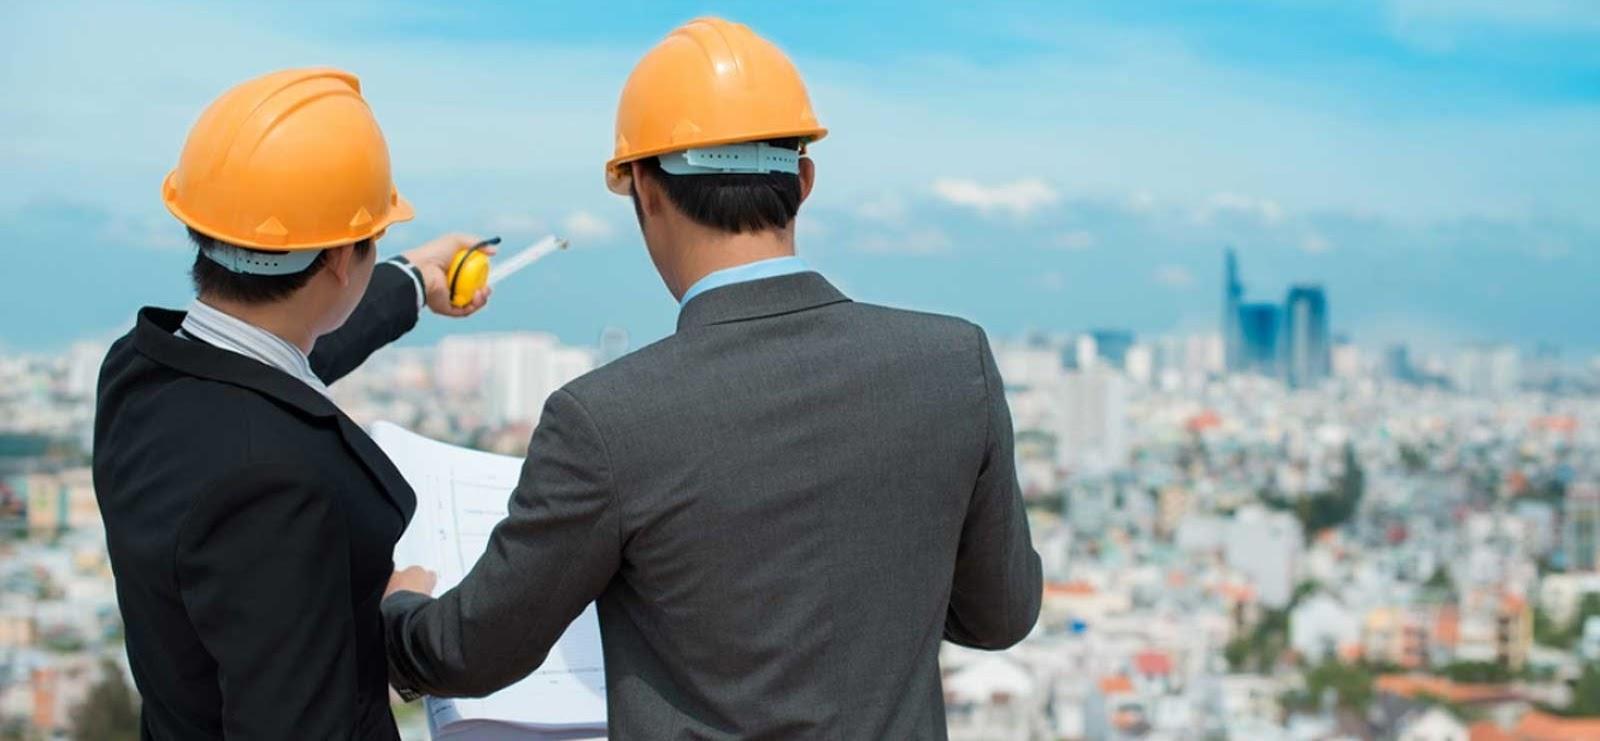 مطلوب مهندس حاسب كميات طرق لكبرى الشركات في الخليج